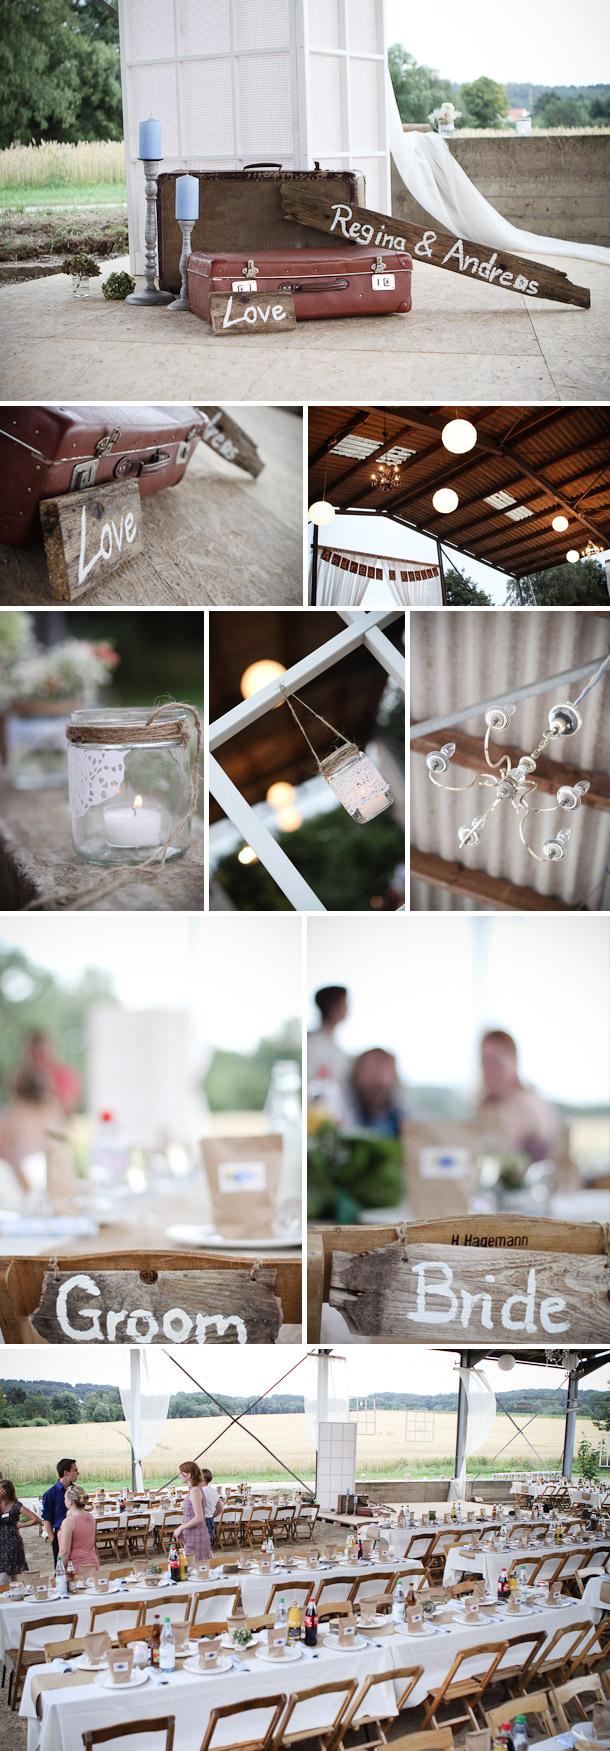 Regina Und Andreas Diy Vintage Hochzeit Hochzeitswahn Sei Inspiriert